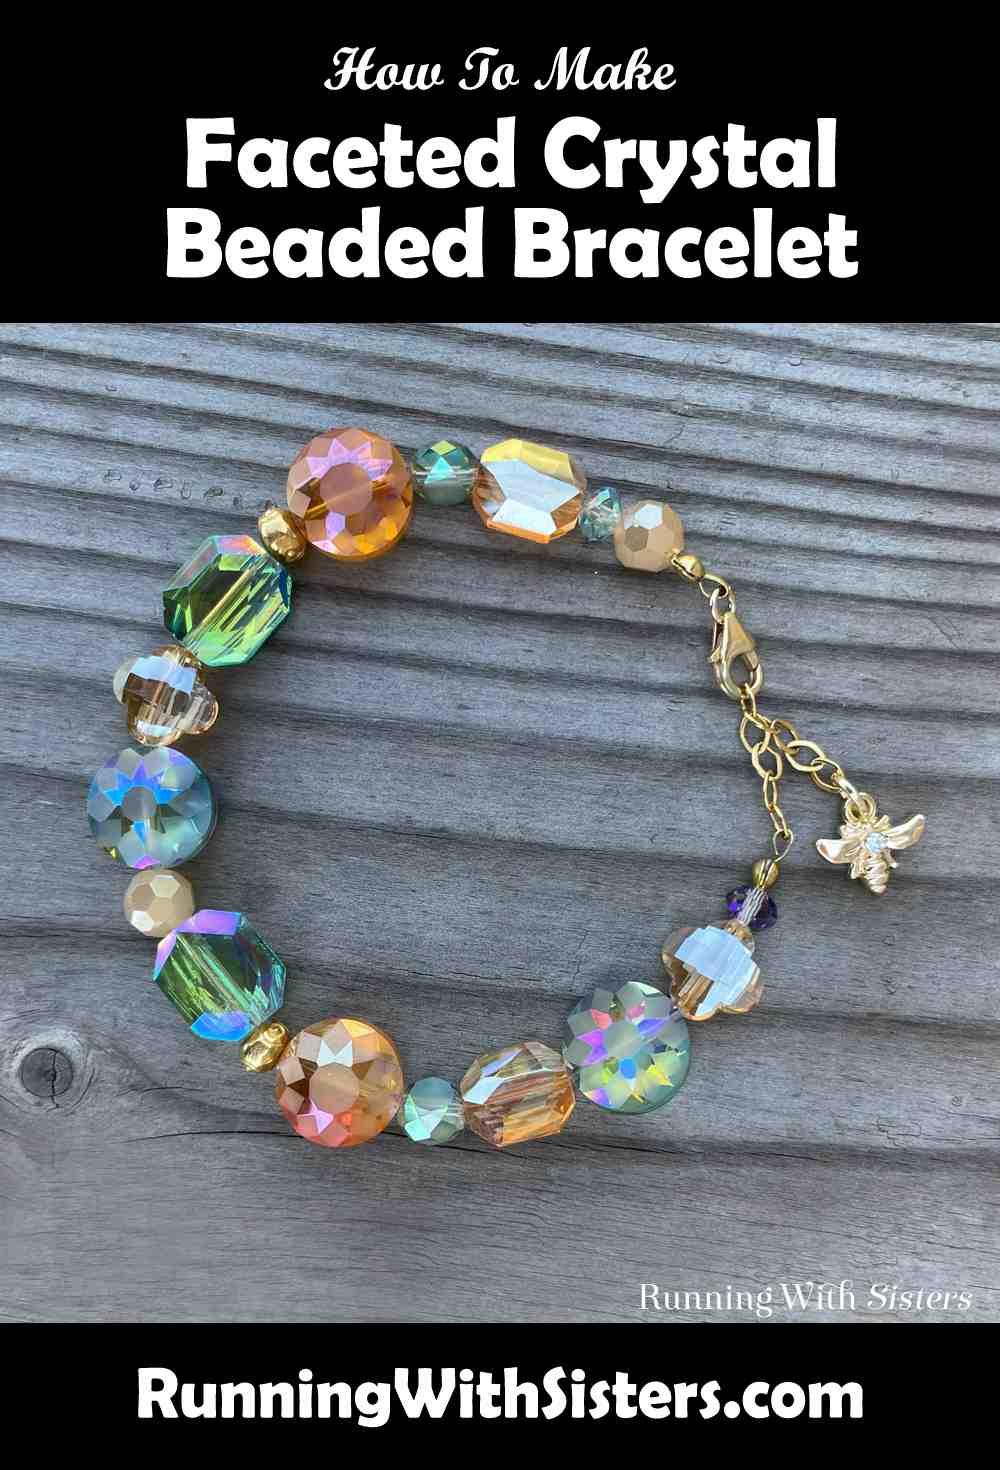 Faceted Crystal Beaded Bracelet pinterest